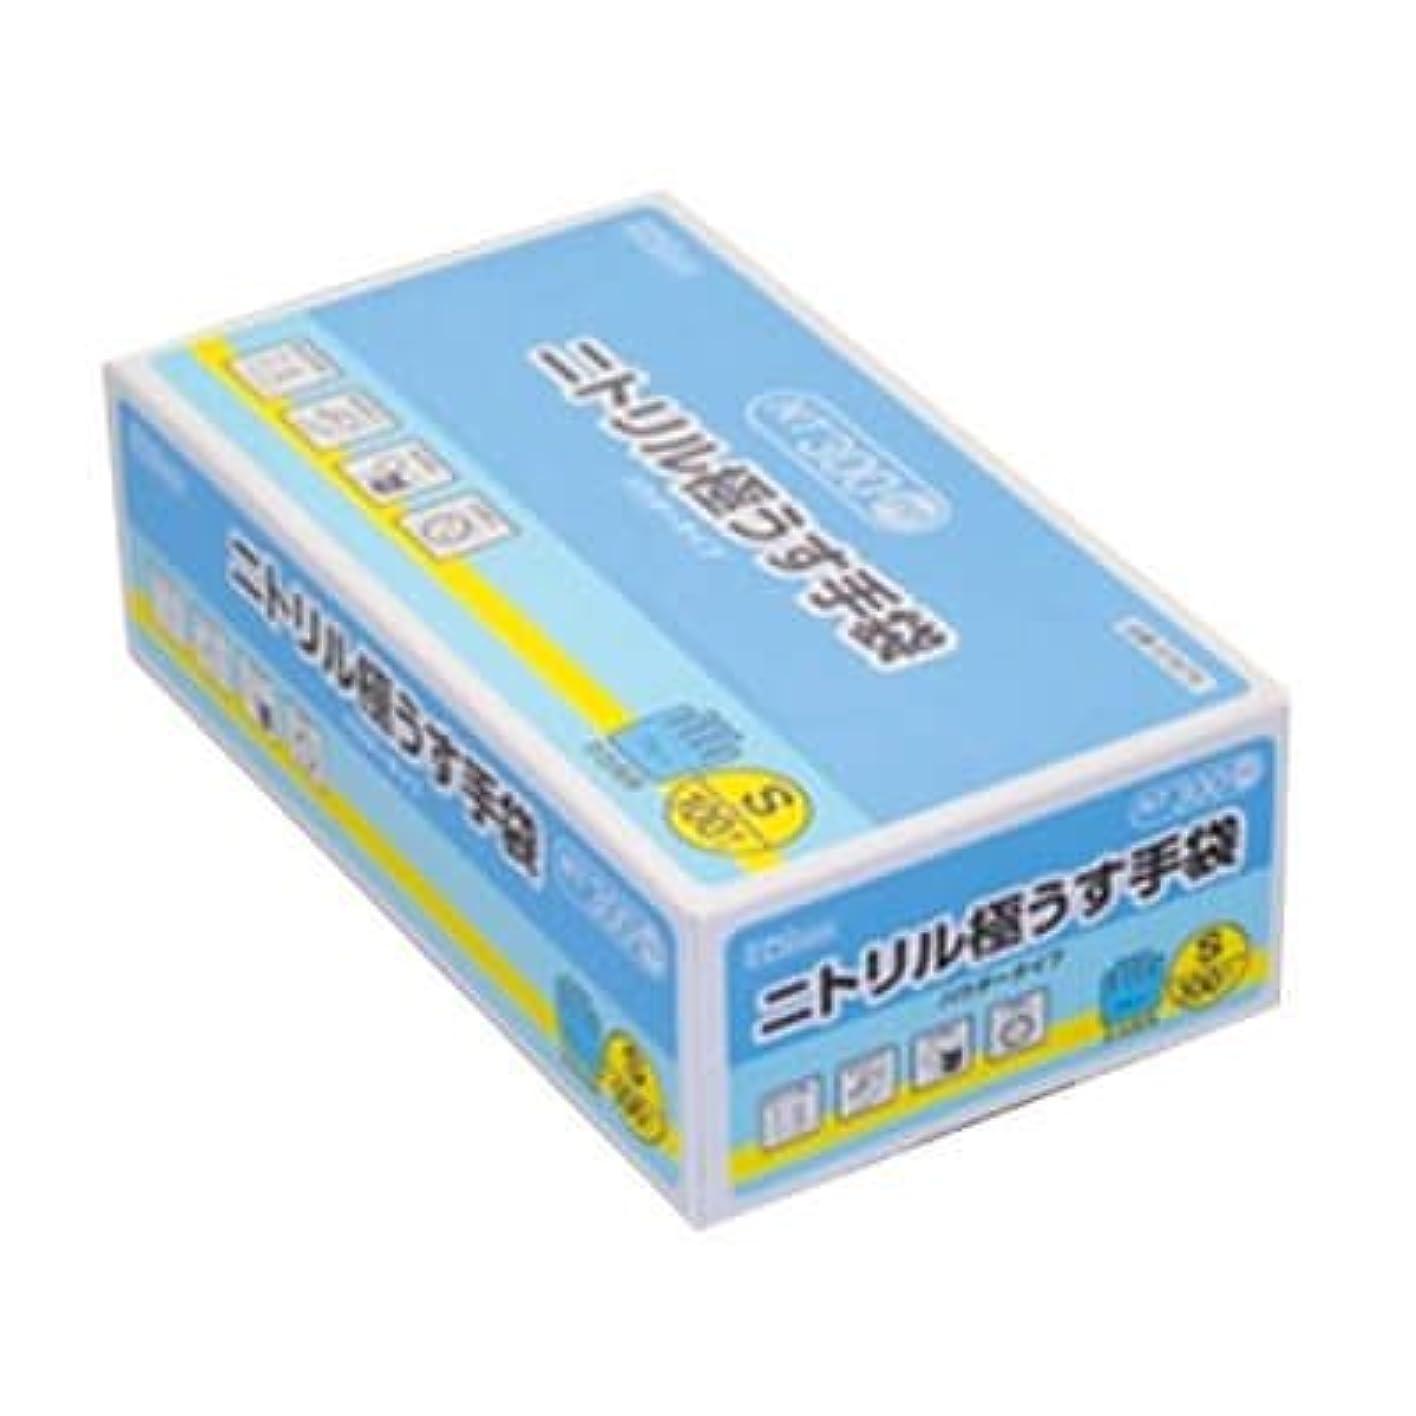 もレガシーコスチューム【ケース販売】 ダンロップ ニトリル極うす手袋 粉付 S ブルー NT-300 (100枚入×20箱)